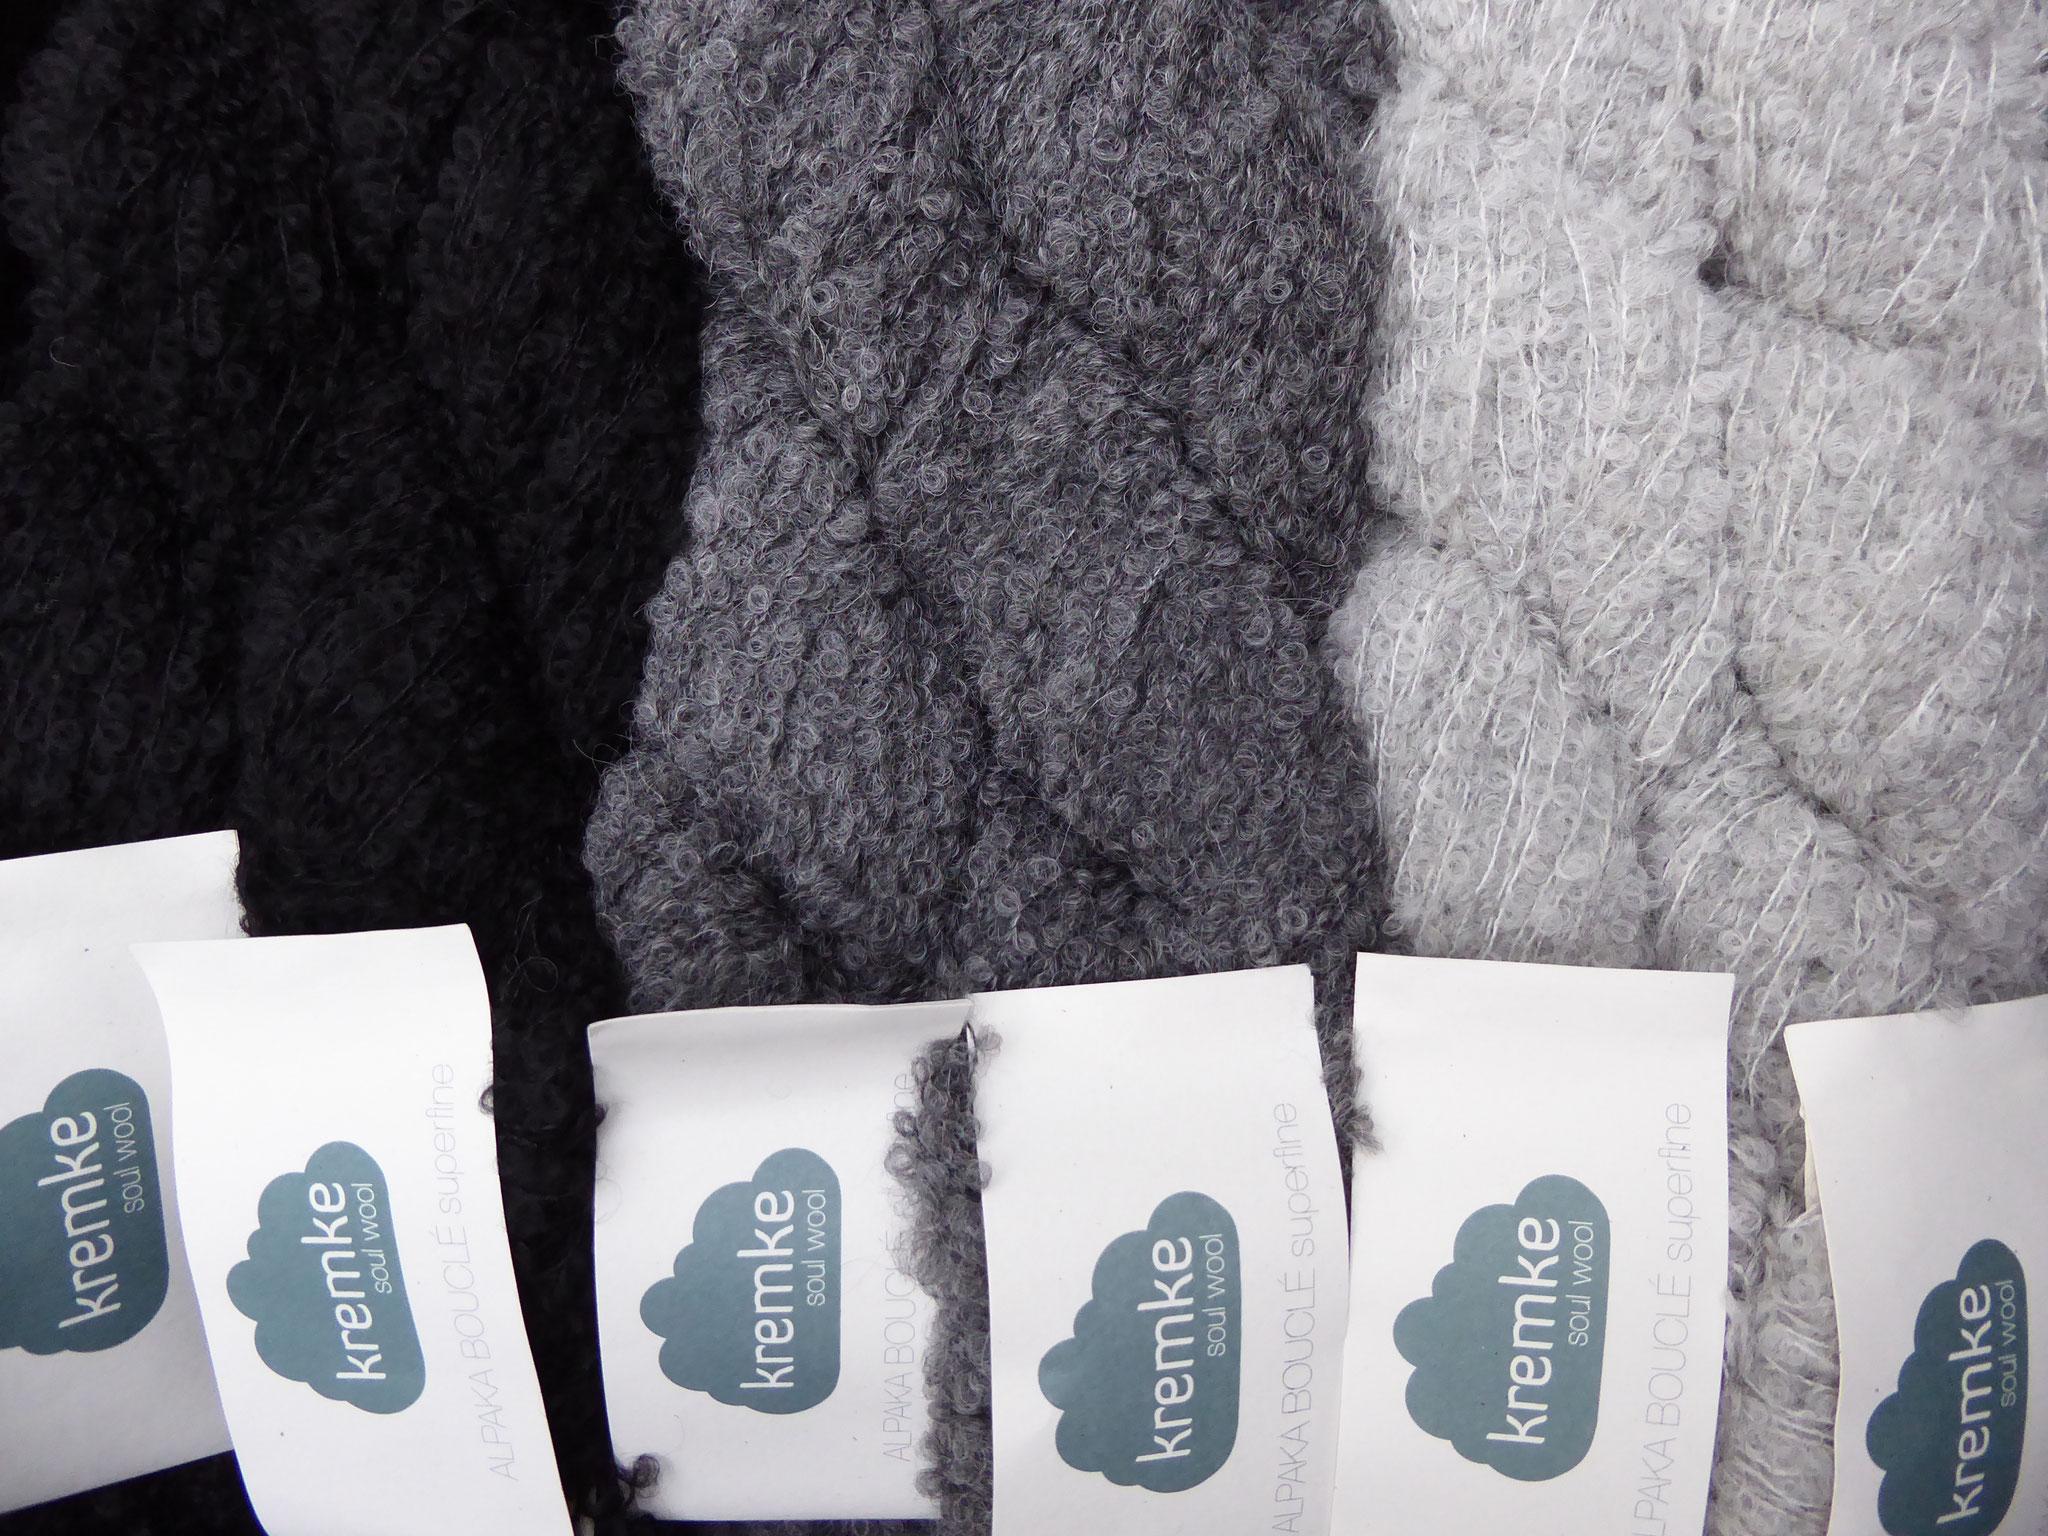 Alpaca Bouclé superfine von Kremke 89% ALpaca, 11% Polyamid, LL250m/50gr.  9,90 Euro/50gr.  Dieses wunderbar weiche Garn eignet sich hervorragend für alles leichte und doch wärmende, es zeichnet sichh durch einen sehr geringen Materialverbrauch aus!